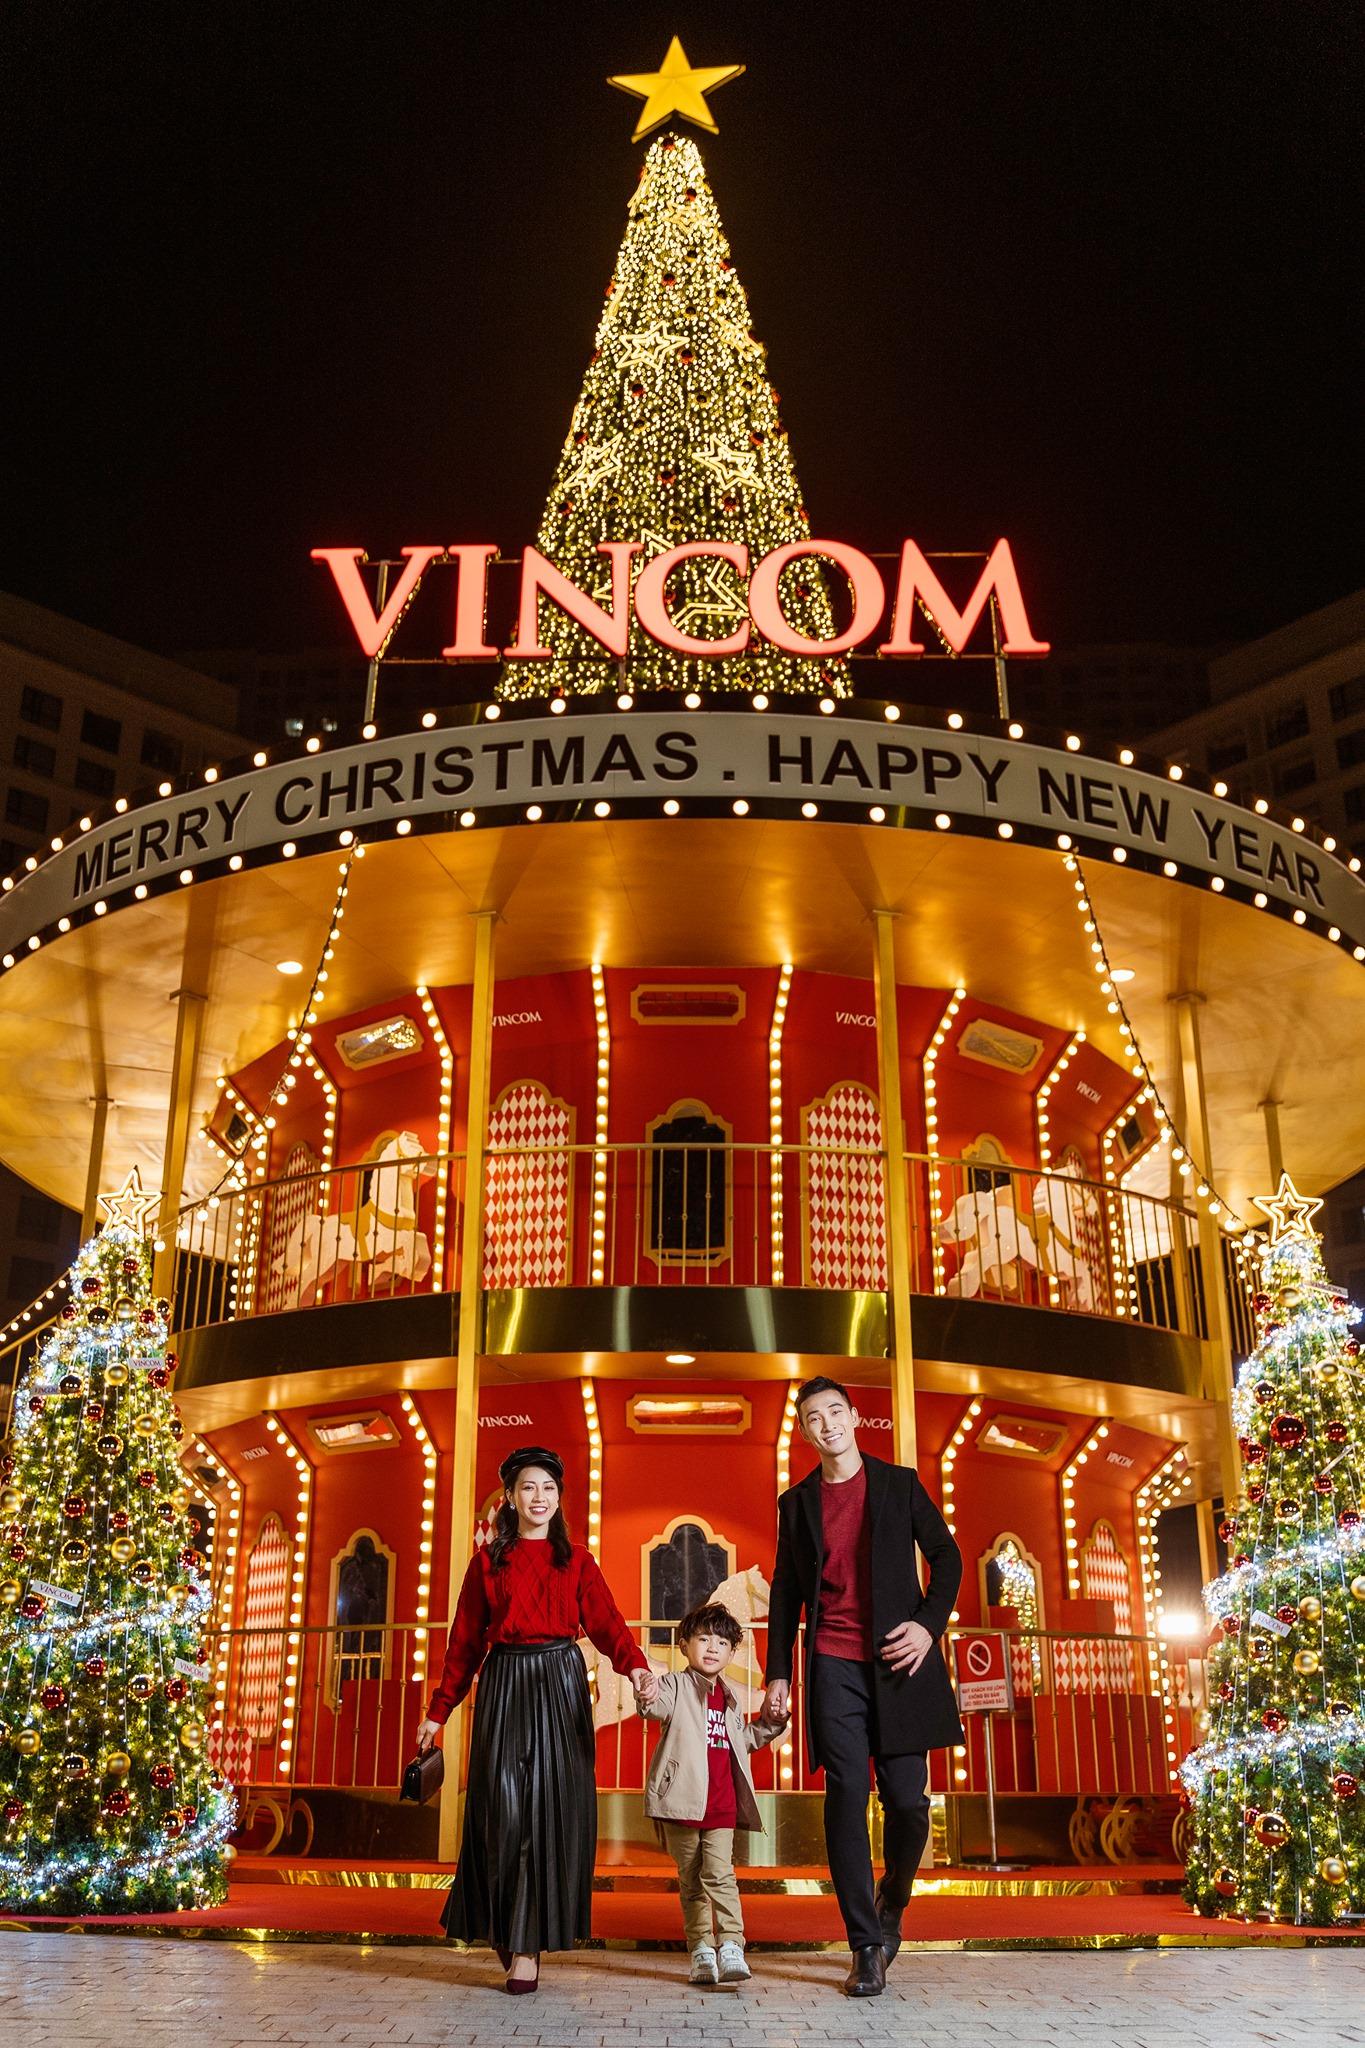 Bật mí các địa điểm đi chơi Noel ít người biết đến quanh Hà Nội  - Ảnh 10.